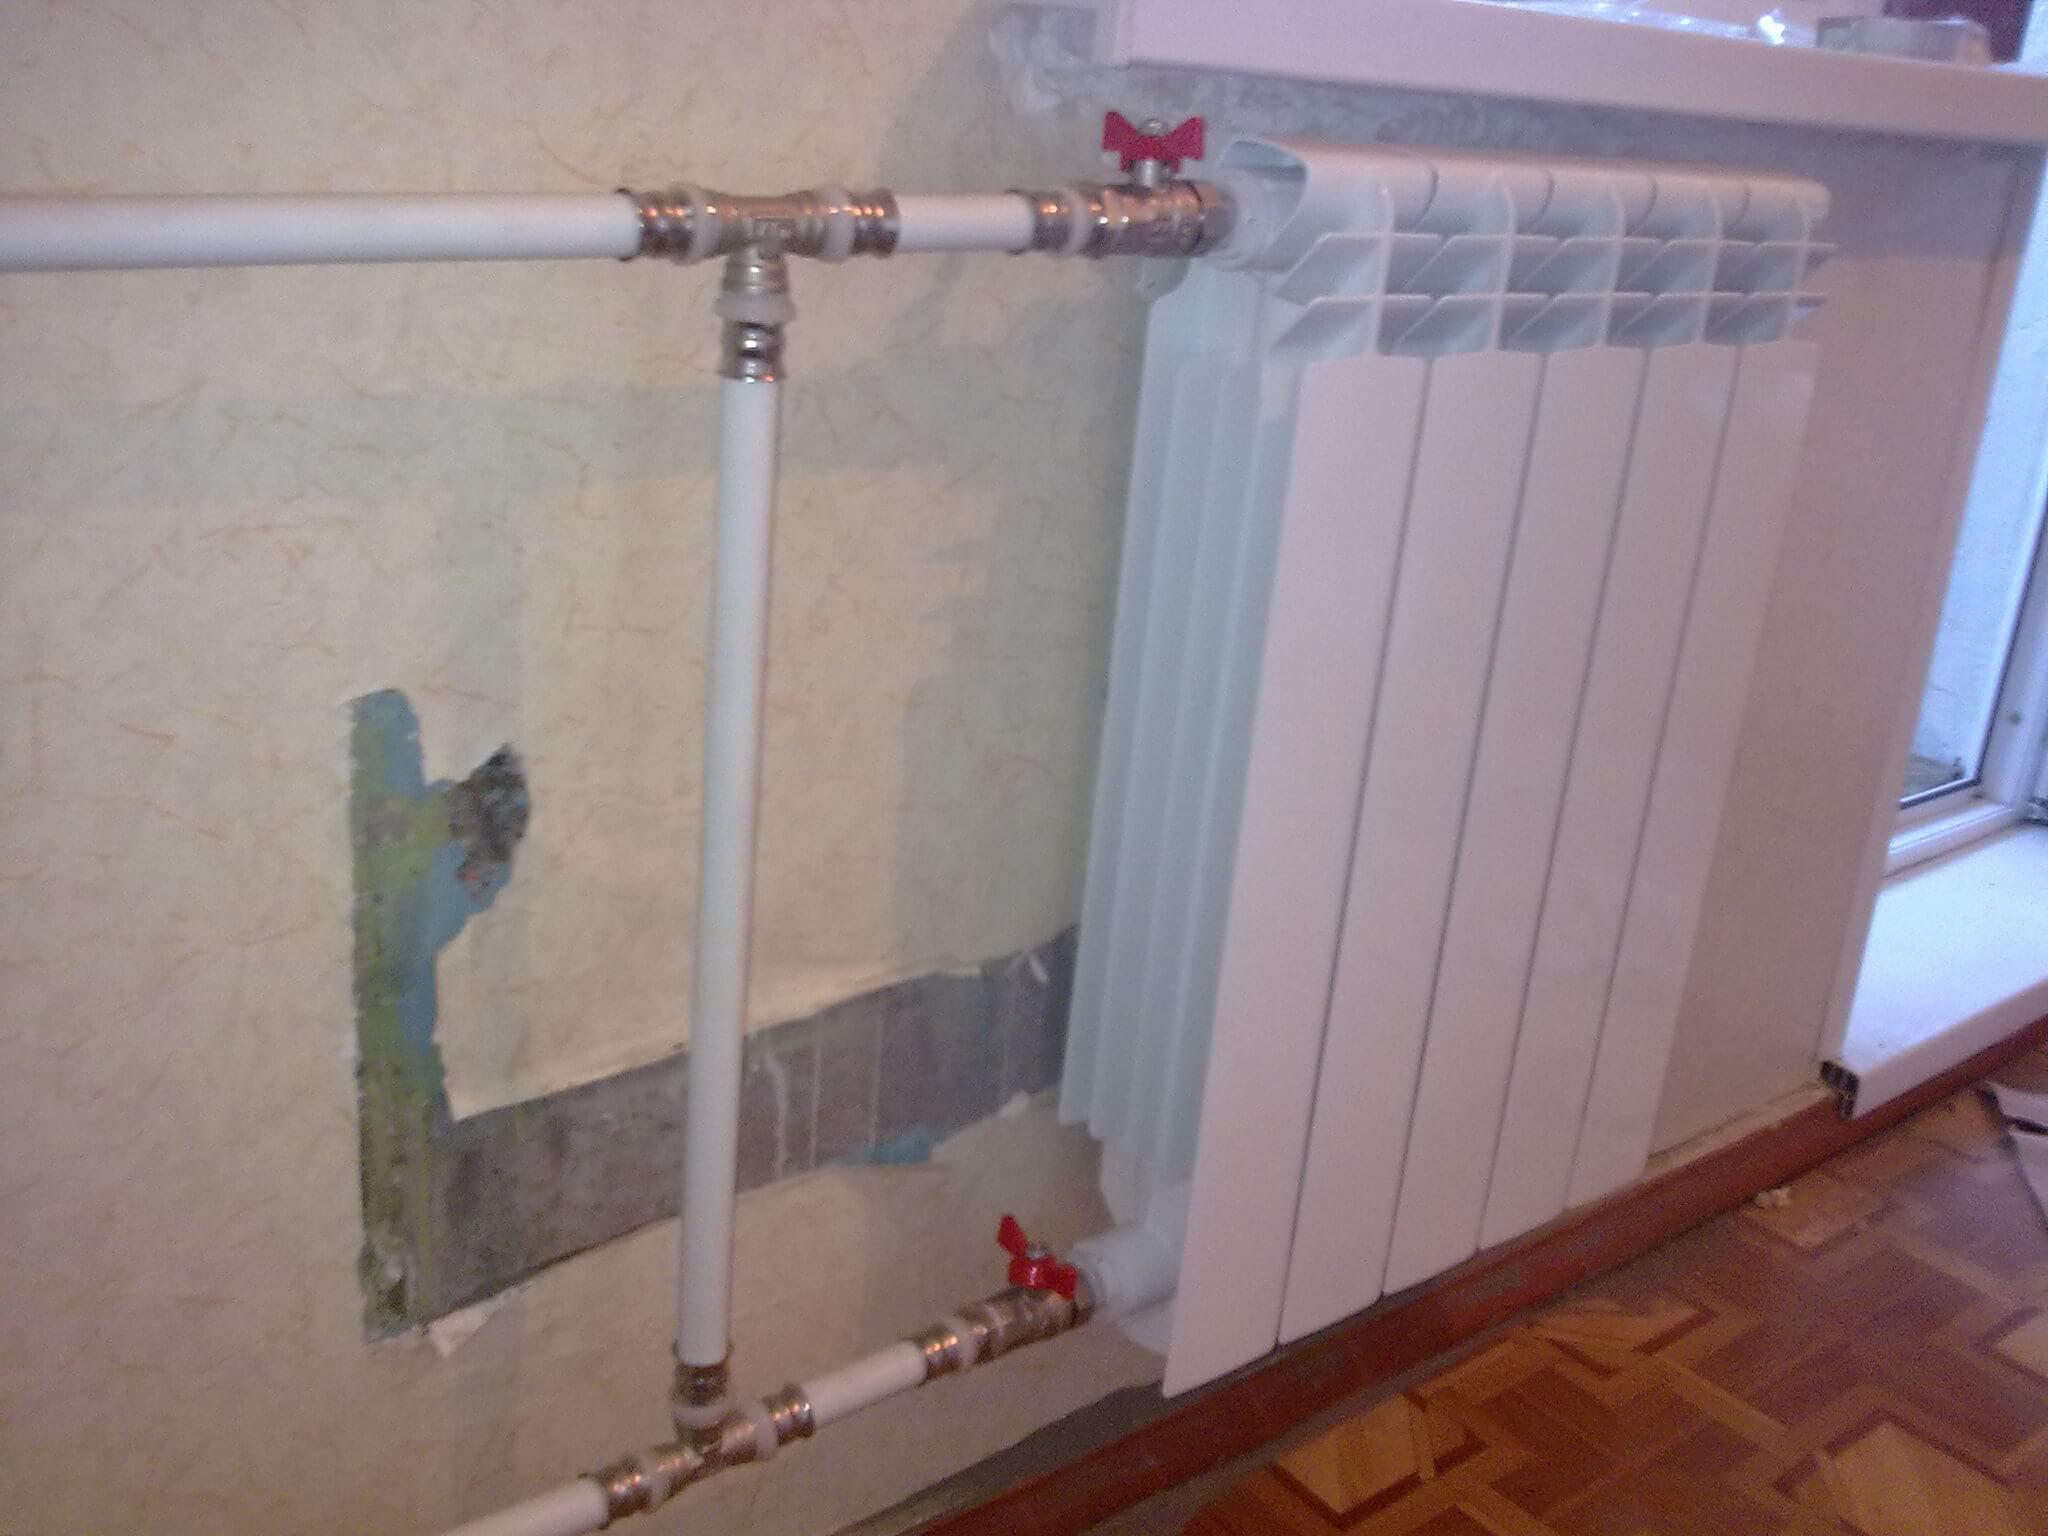 Порядок проведения замены стояков водоснабжения в квартире